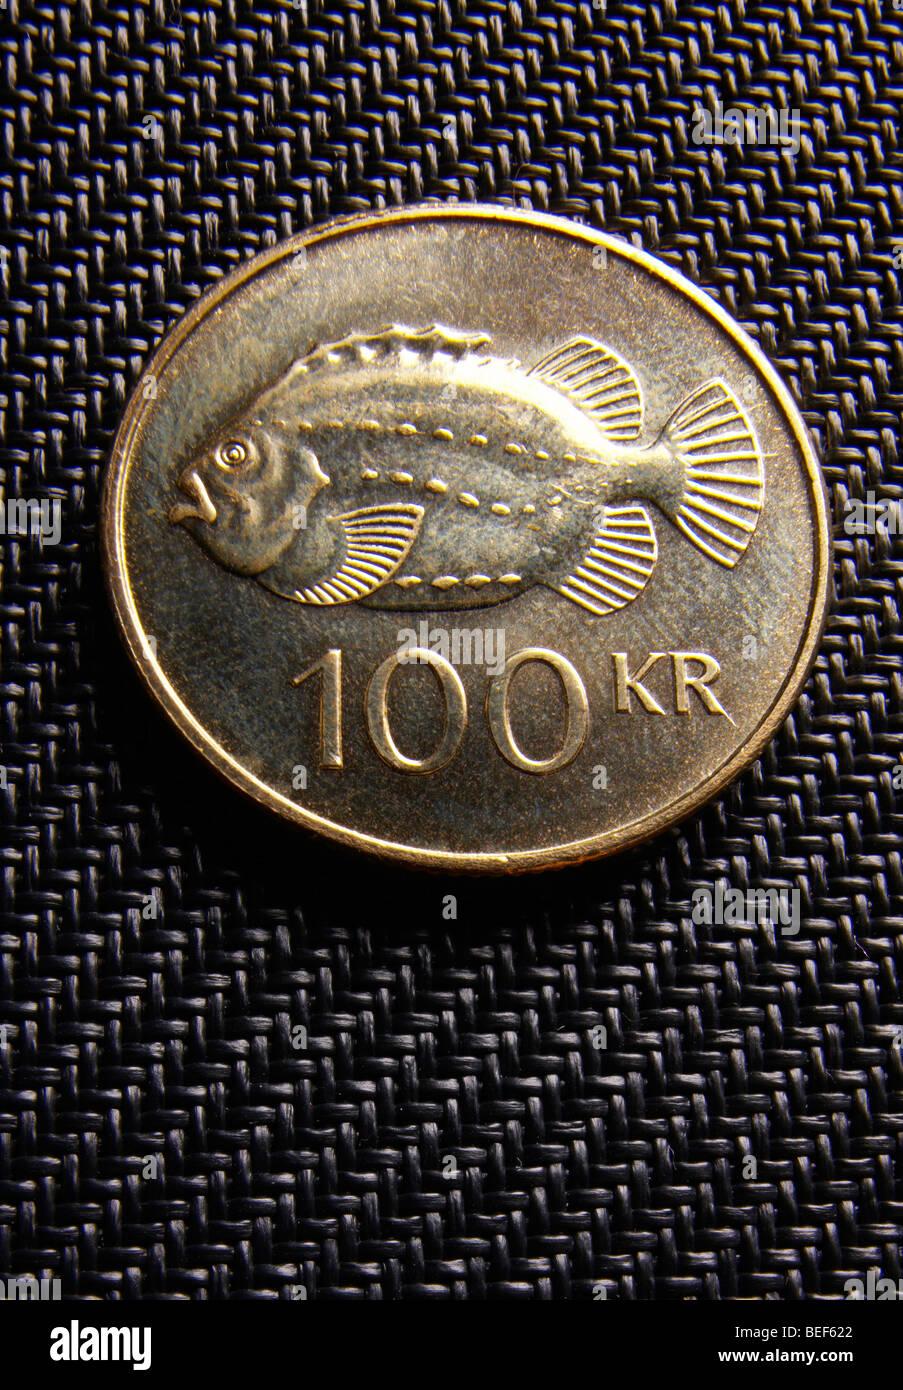 100 Wechseln Münze Isländische Geld Stockfoto Bild 26149594 Alamy